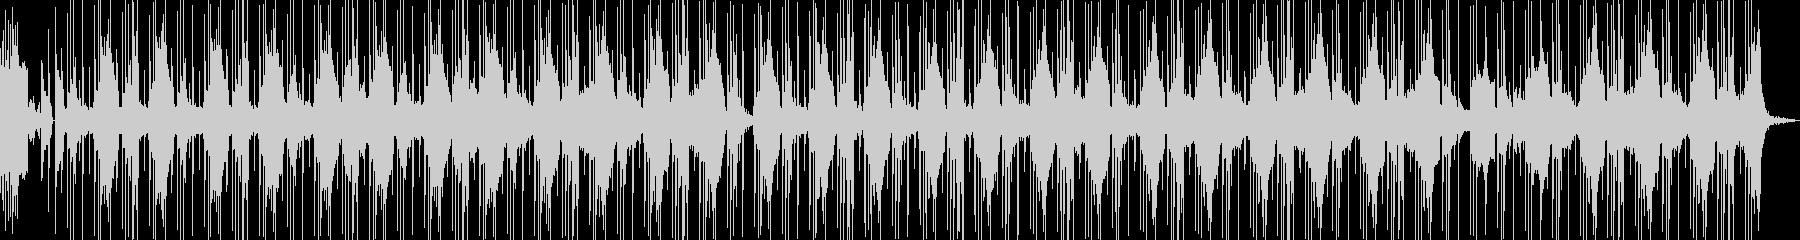 洋楽風のかっこいいR&Bヒップホップの未再生の波形